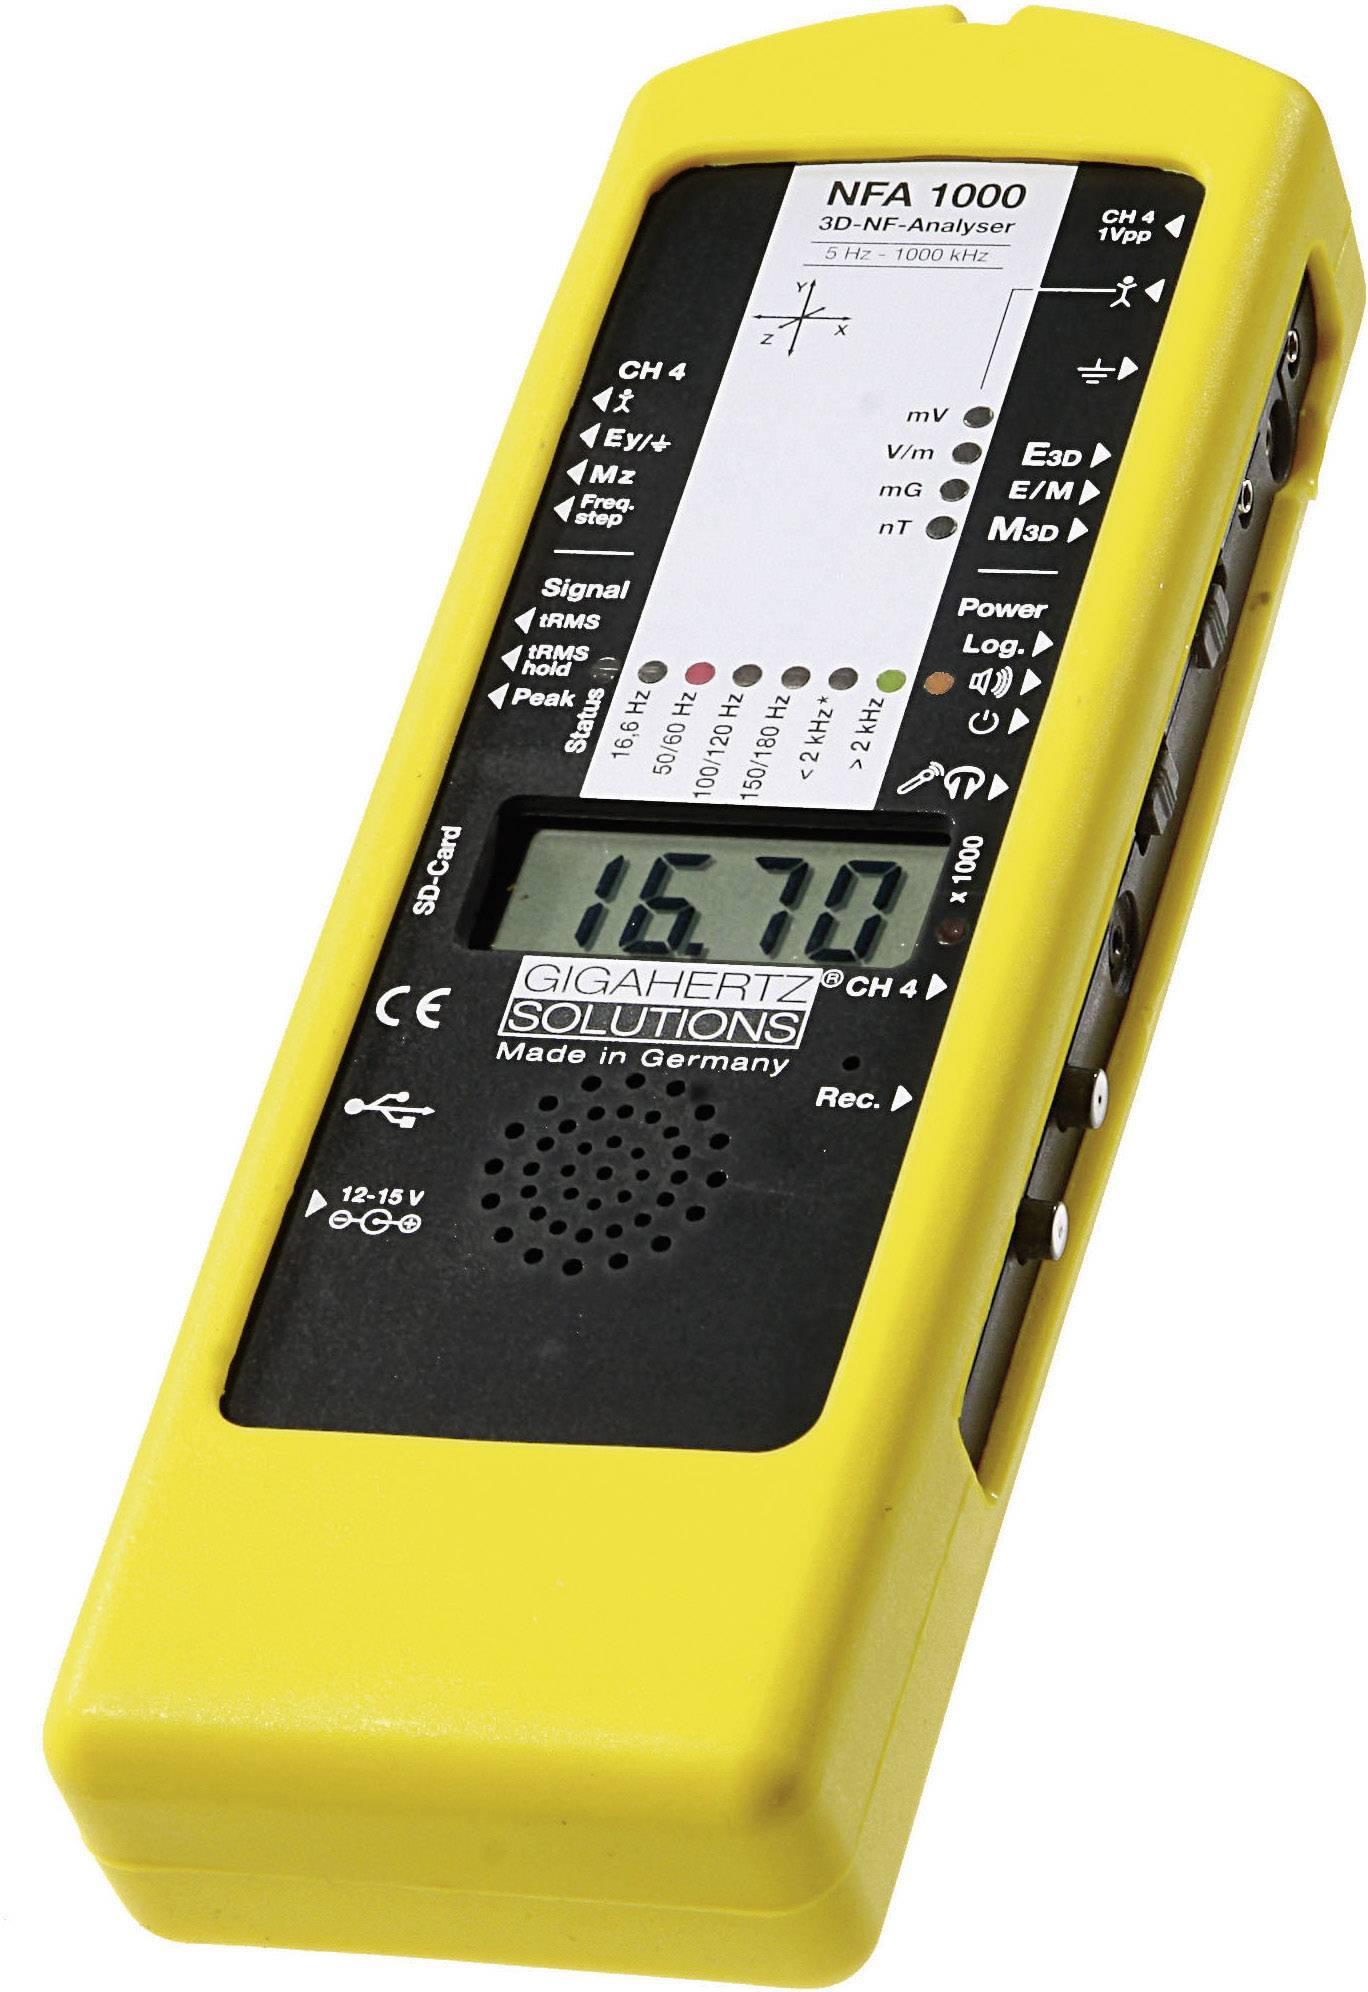 Merač elektrosmogu Gigahertz Solutions NFA1000 350-027, 5 Hz - 1000 kHz